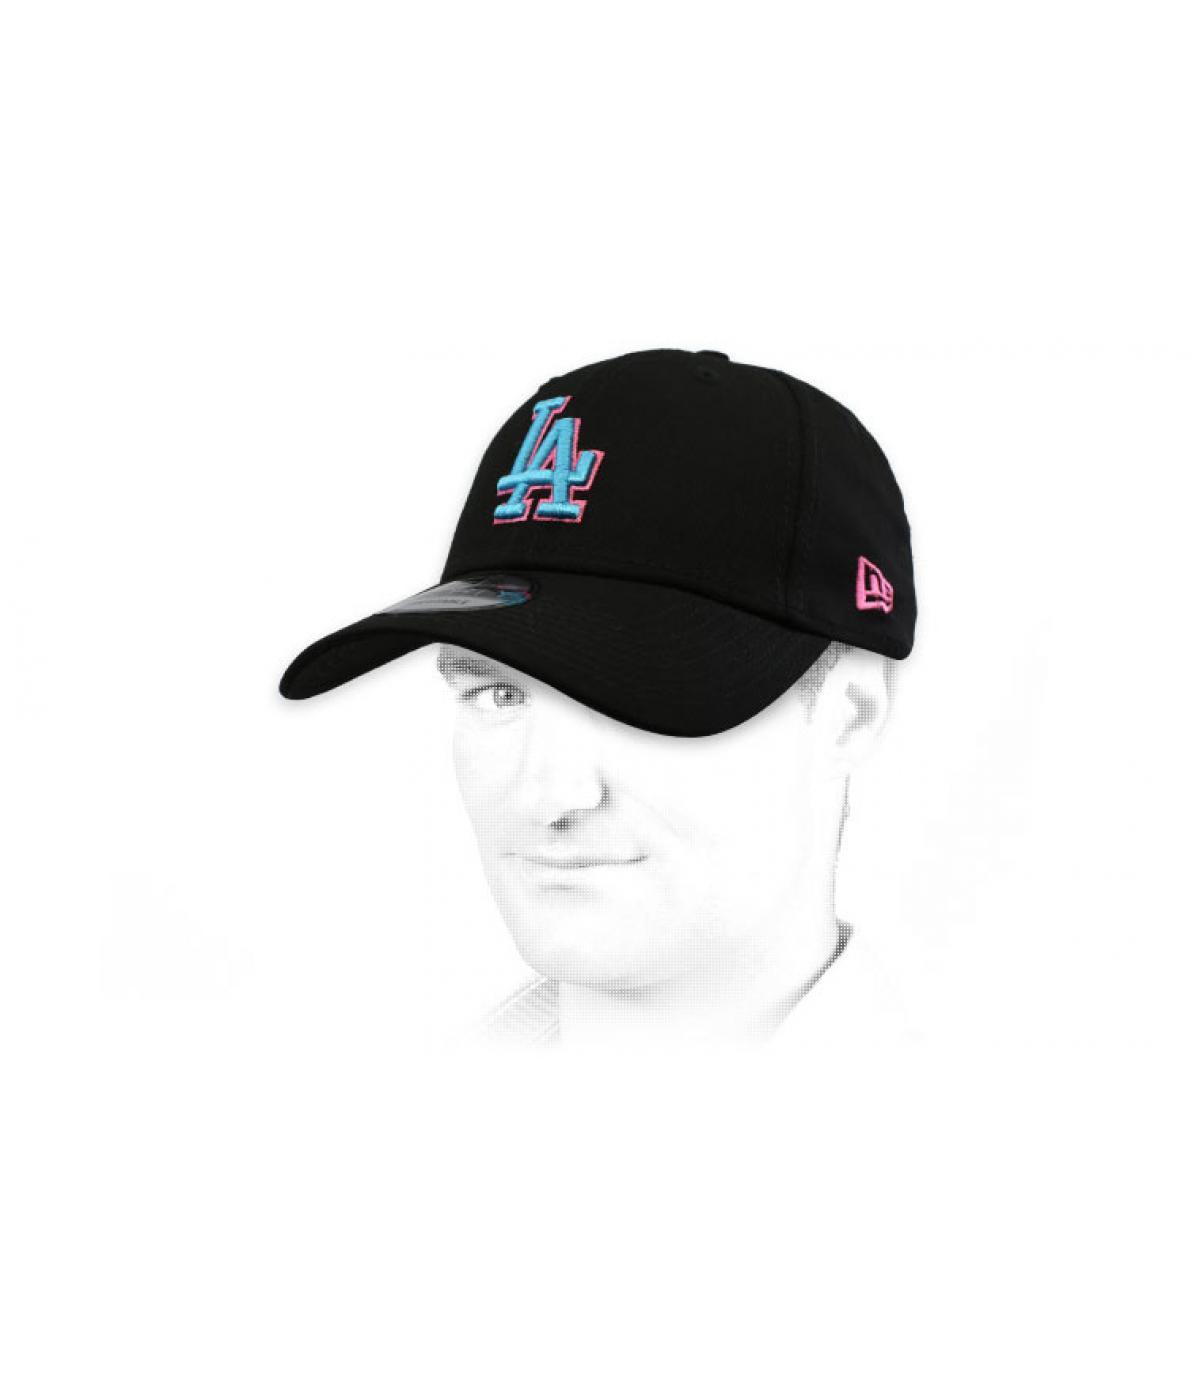 black blue LA cap